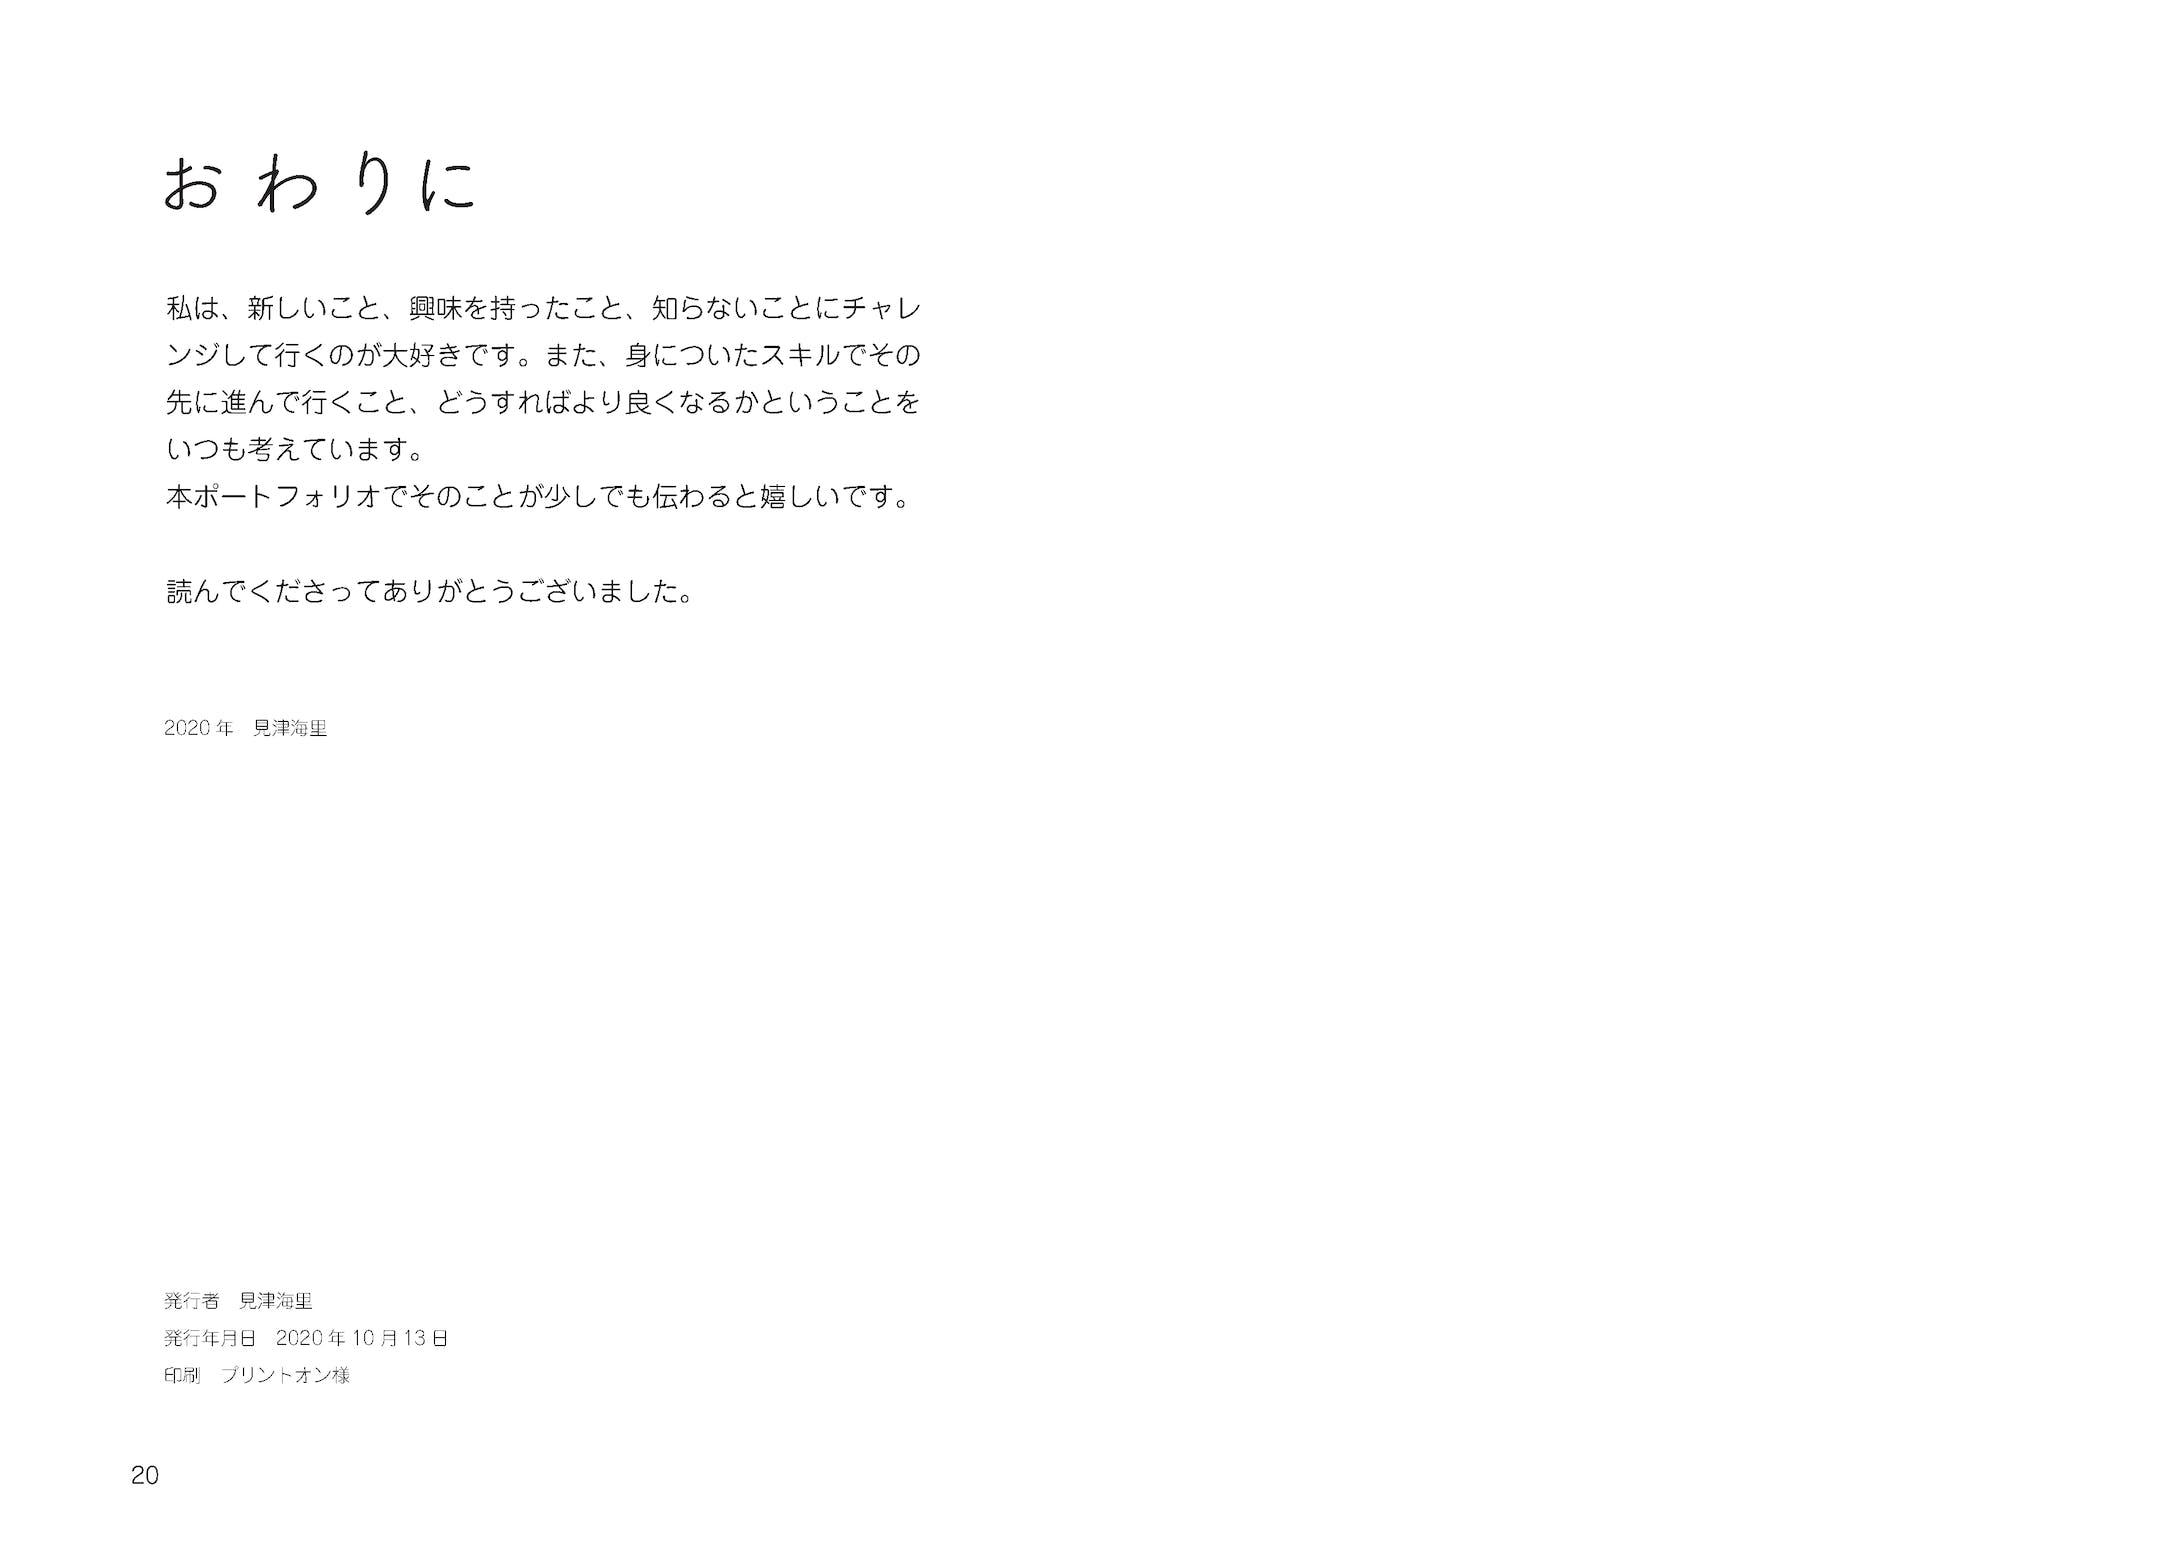 【お急ぎの方はこちら】紙版ポートフォリオ-11